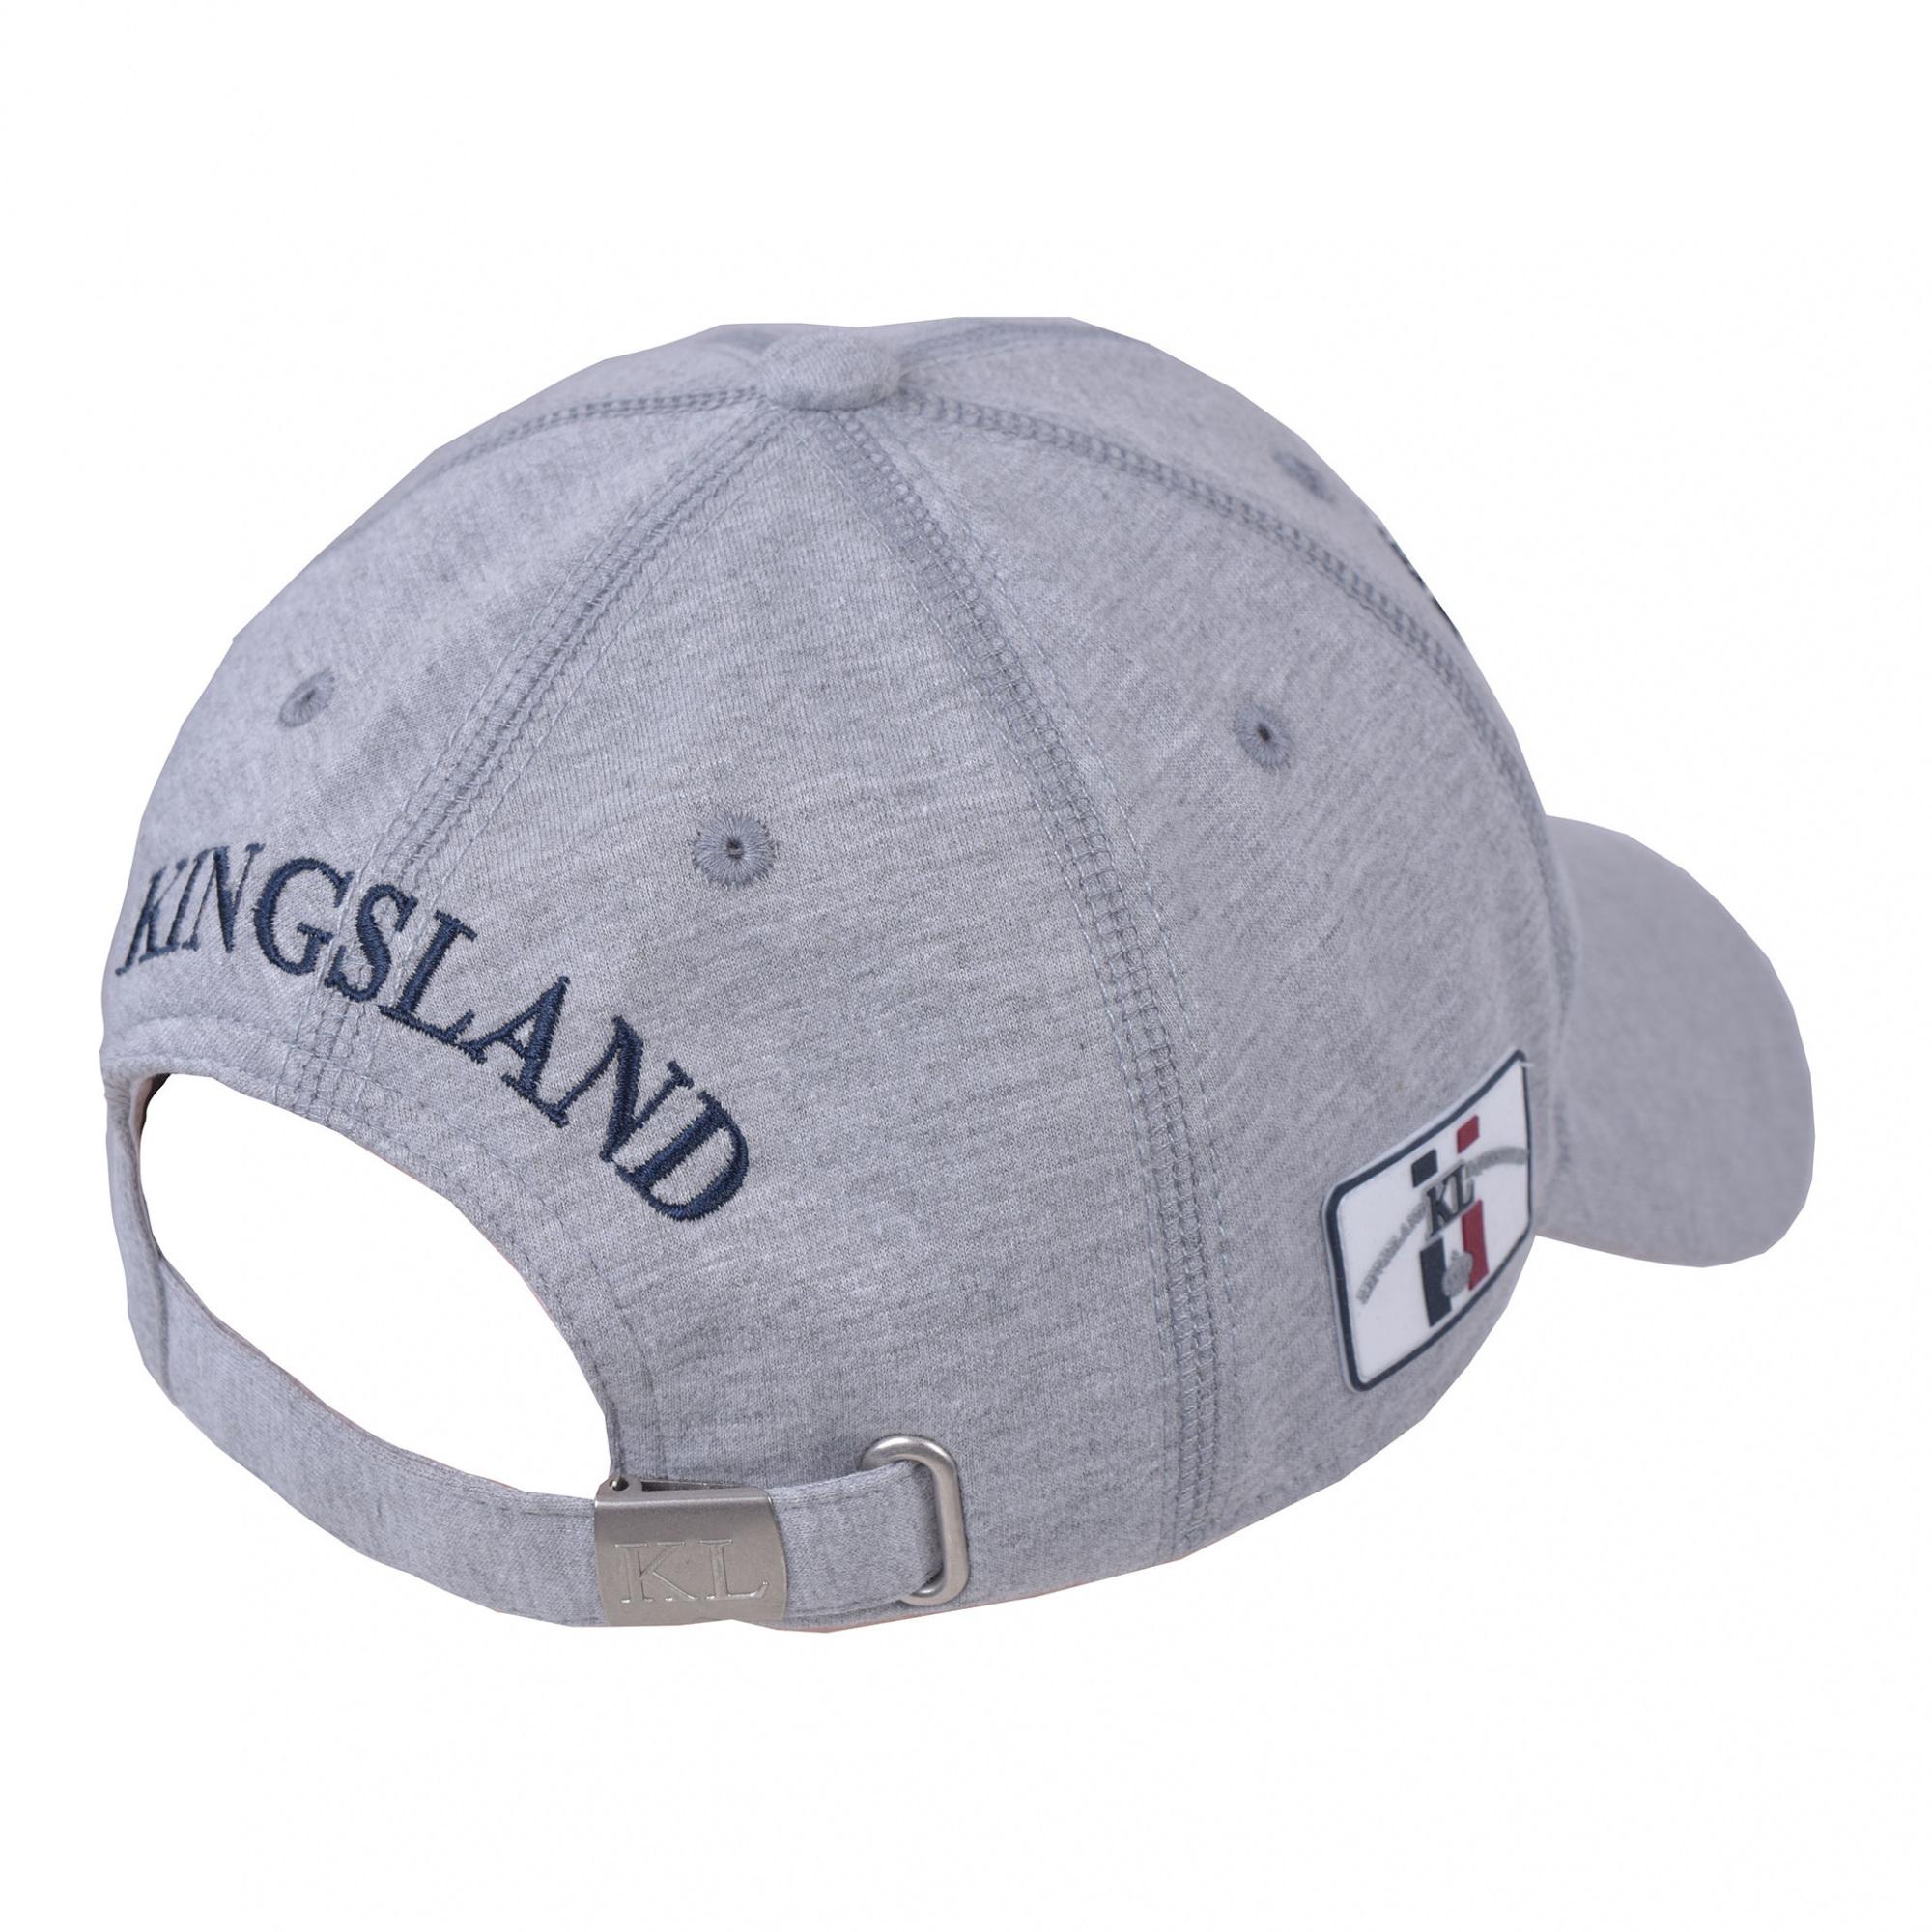 Unisex Heritage Cap: Kingsland CARNIGAN UNISEX CAP